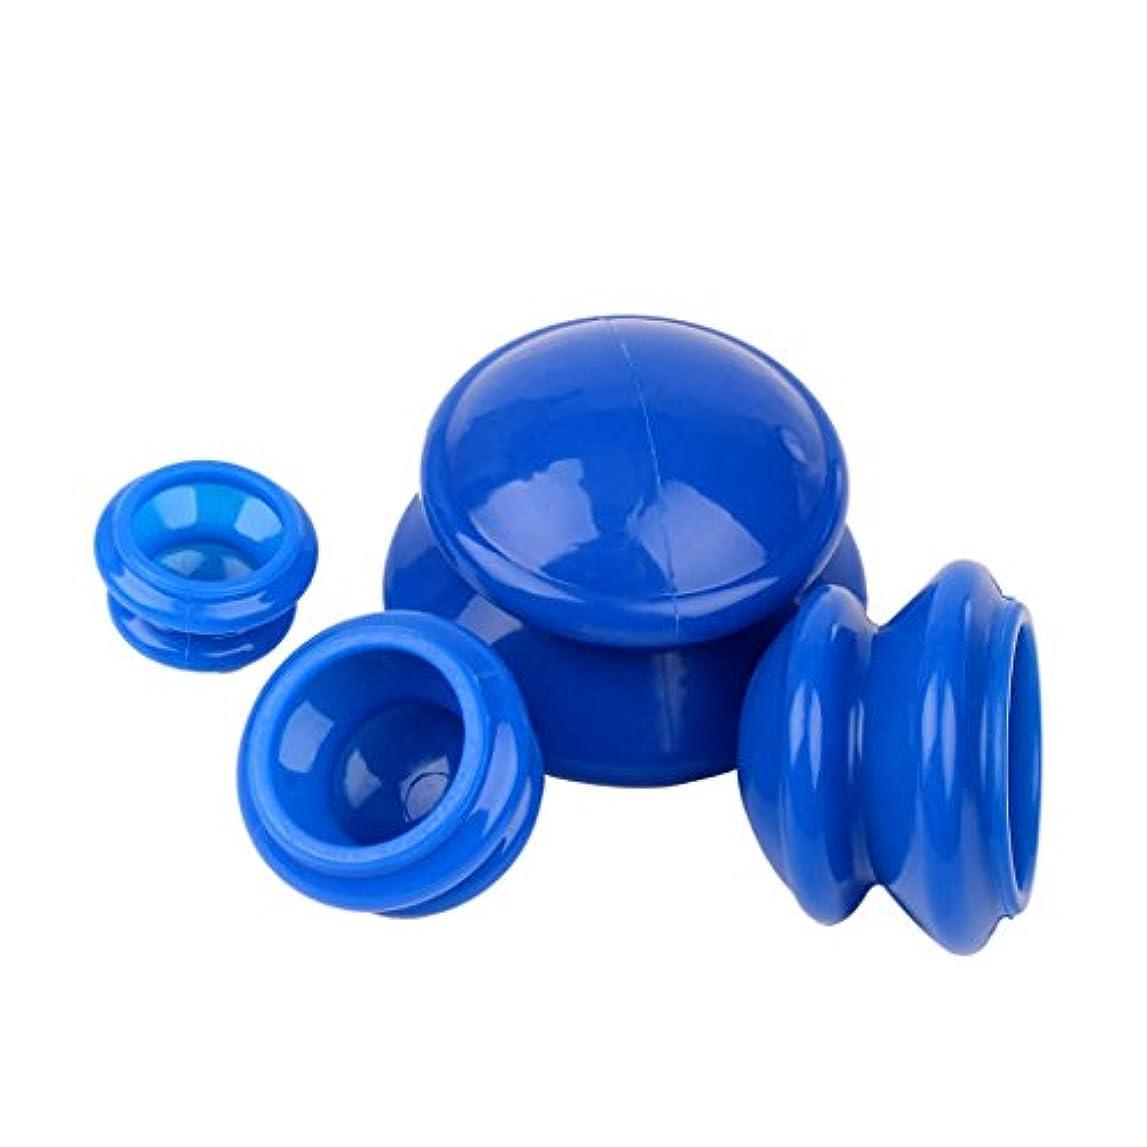 ポータブル二層破産(inkint)マッサージ 吸い玉 カッピングカップ 4個セット バキュームカップ シリコーン製吸い玉 ネック 顔全身マッサージ フィットネスケア 血流促進 マッサージャー ブルー